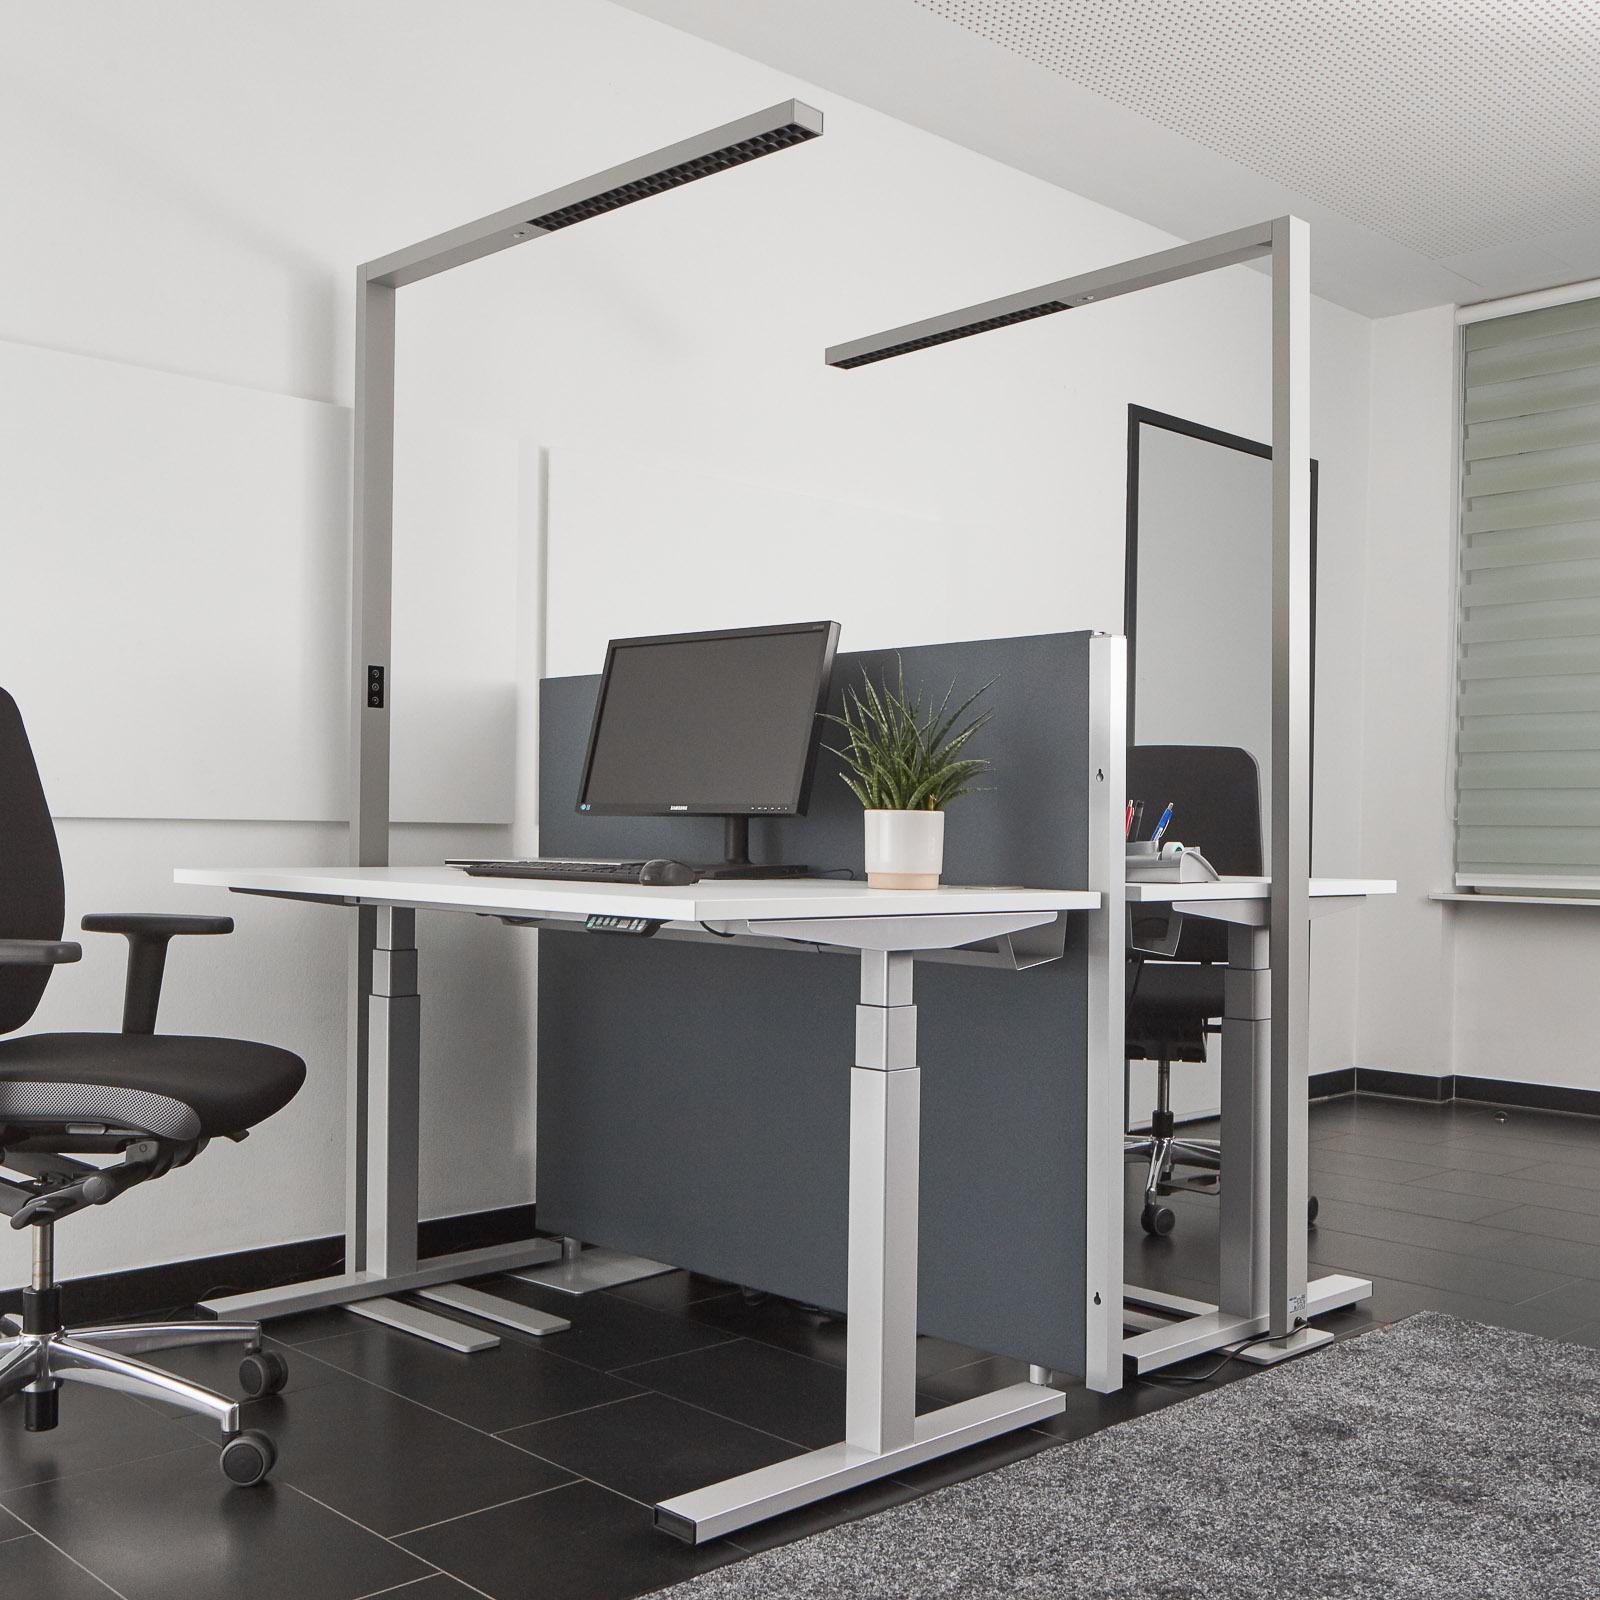 Kontor LED gulvlampe variabel lysfarve og sensor